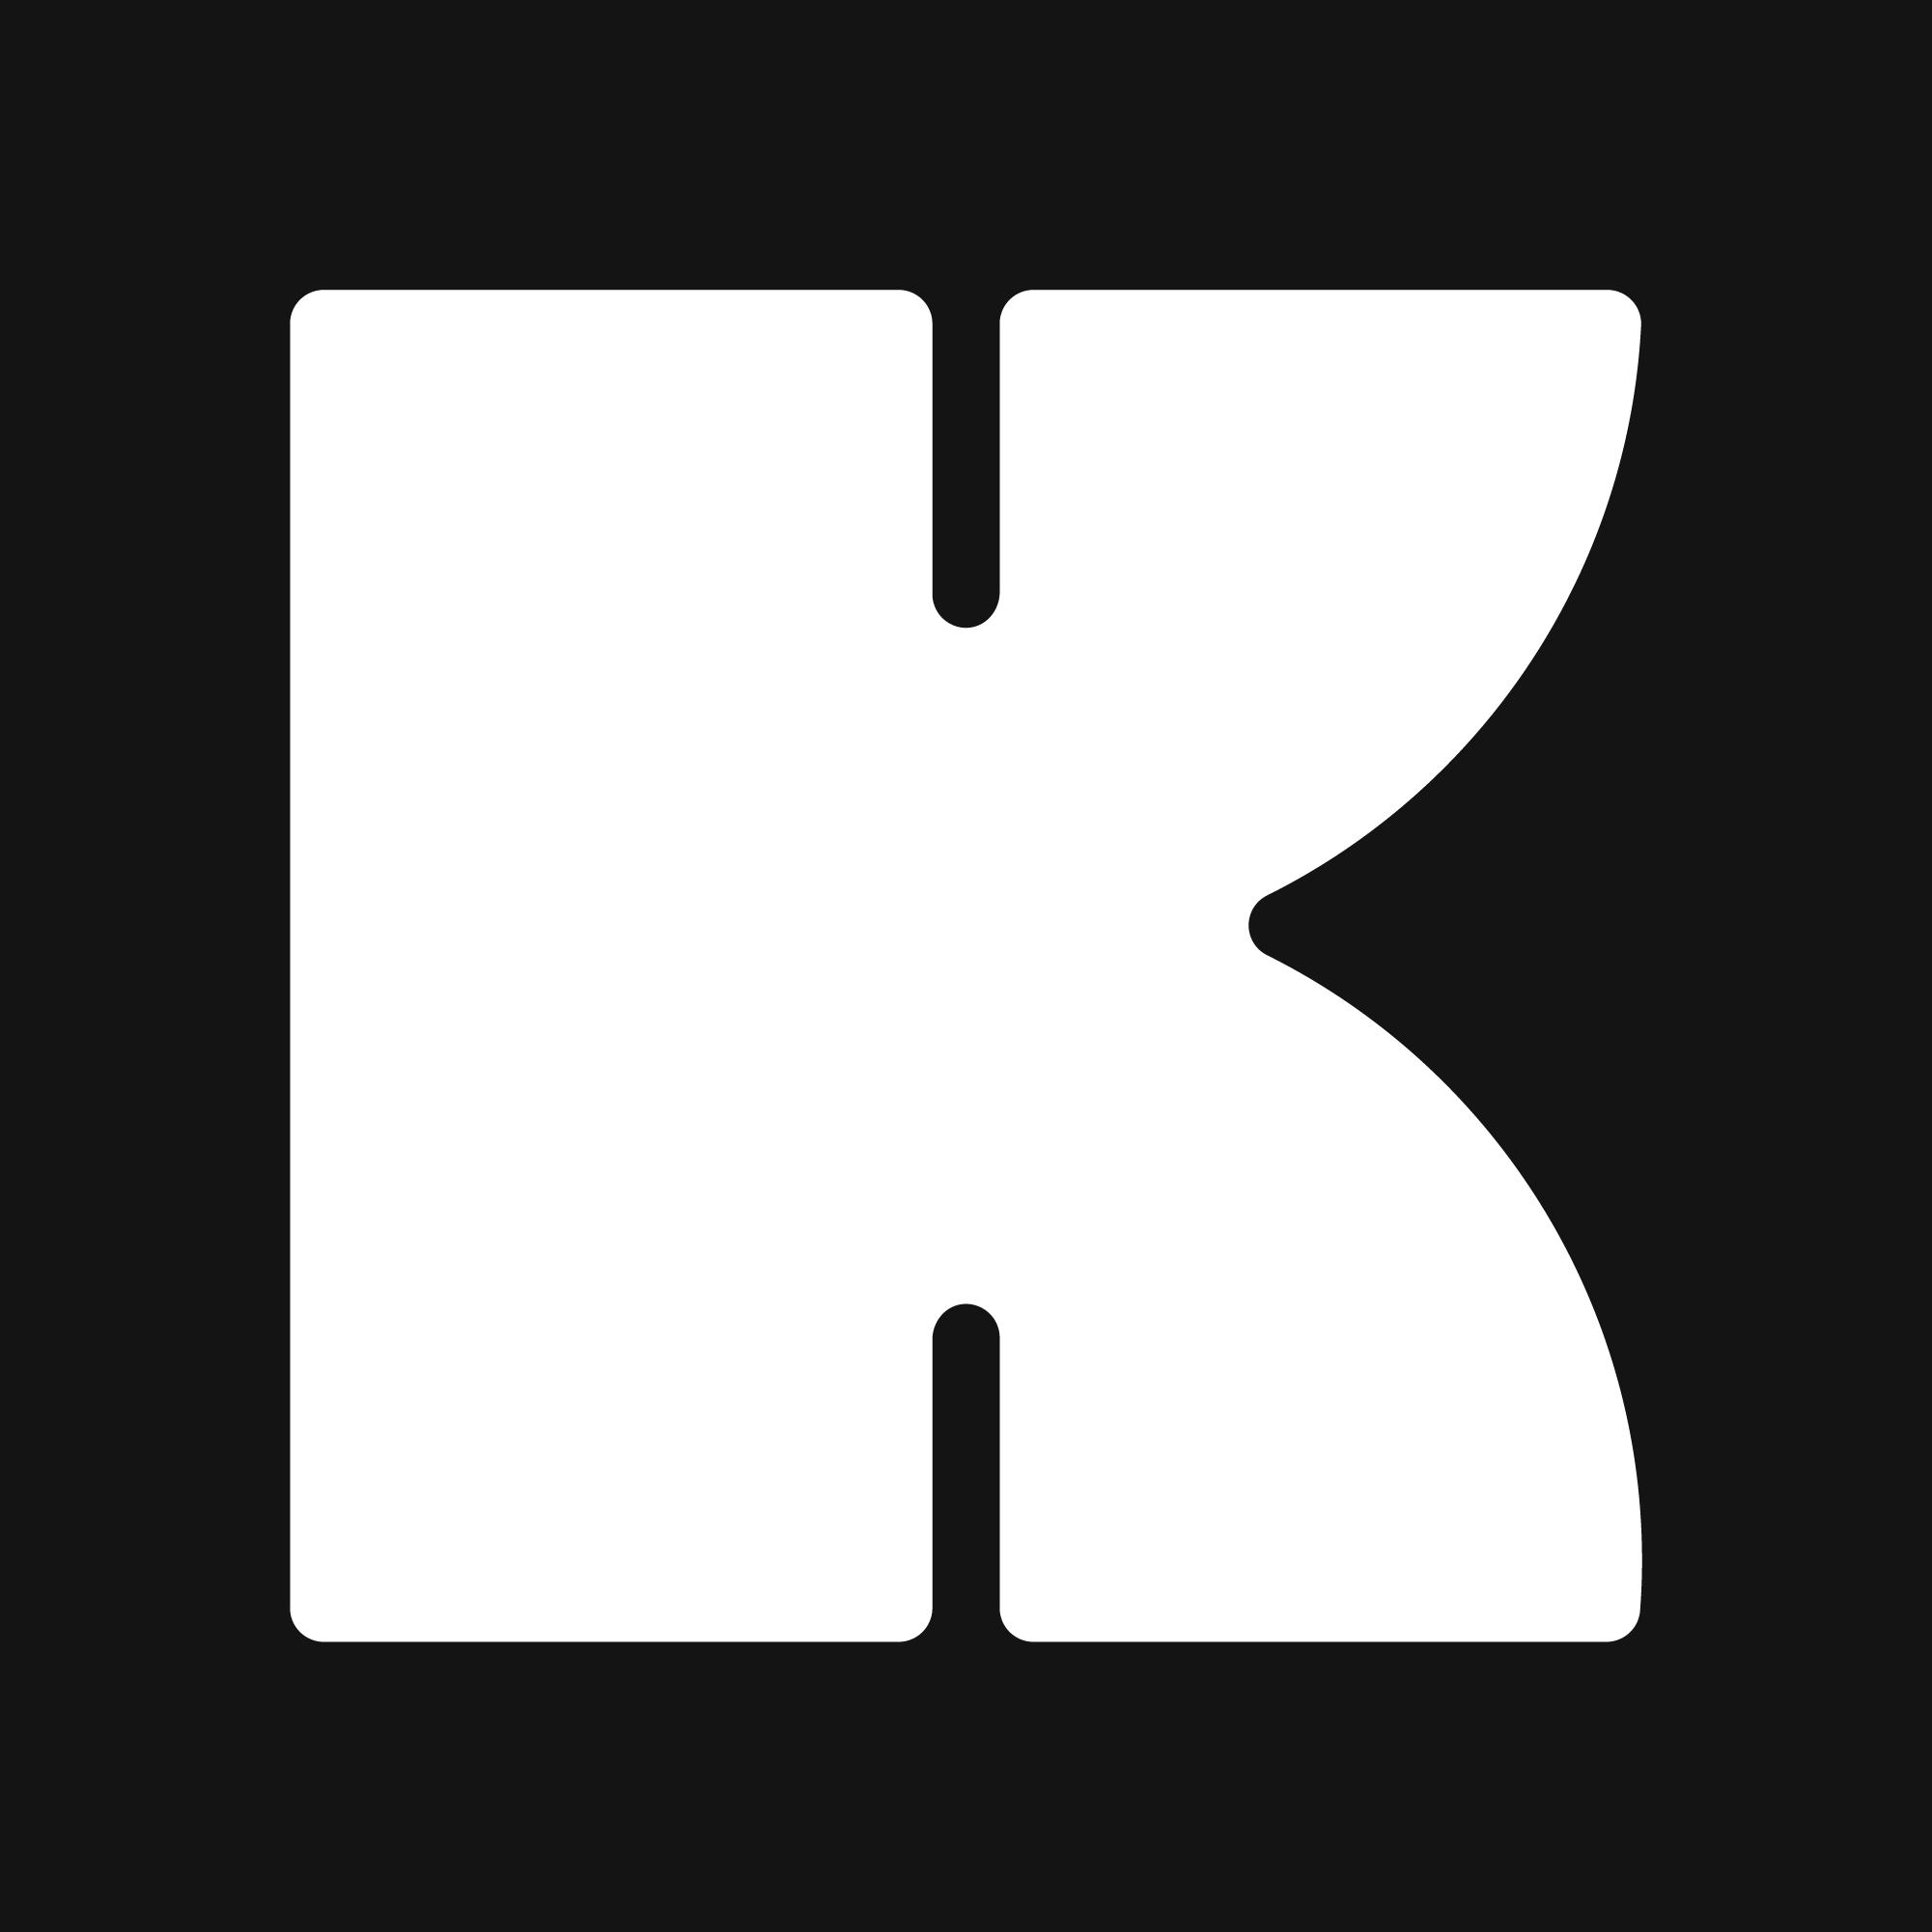 BW__Letter_K